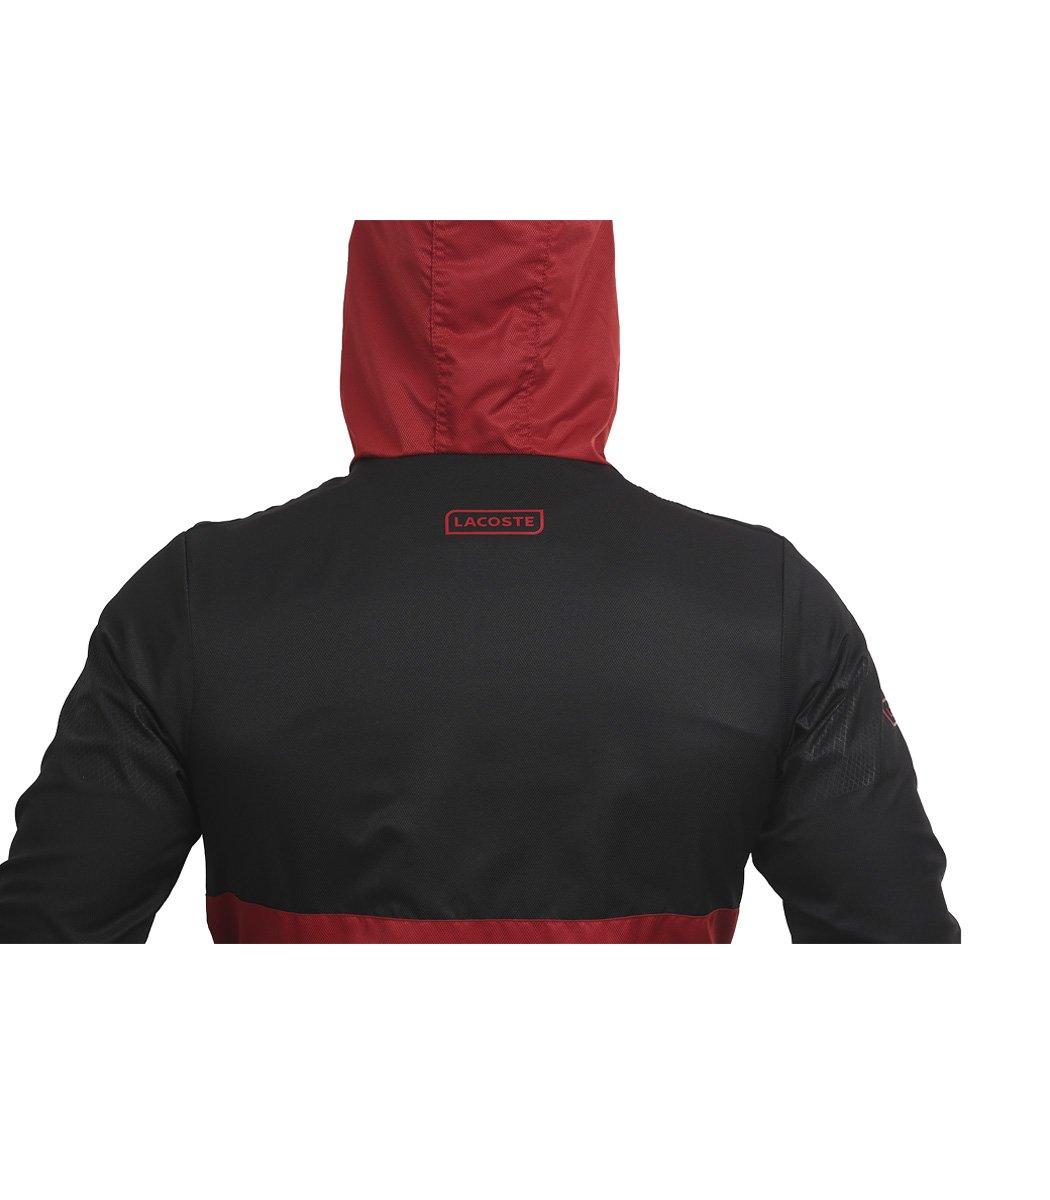 Черно-красный спортивный костюм с капюшоном Lacoste - Черный/красный - Вид 7